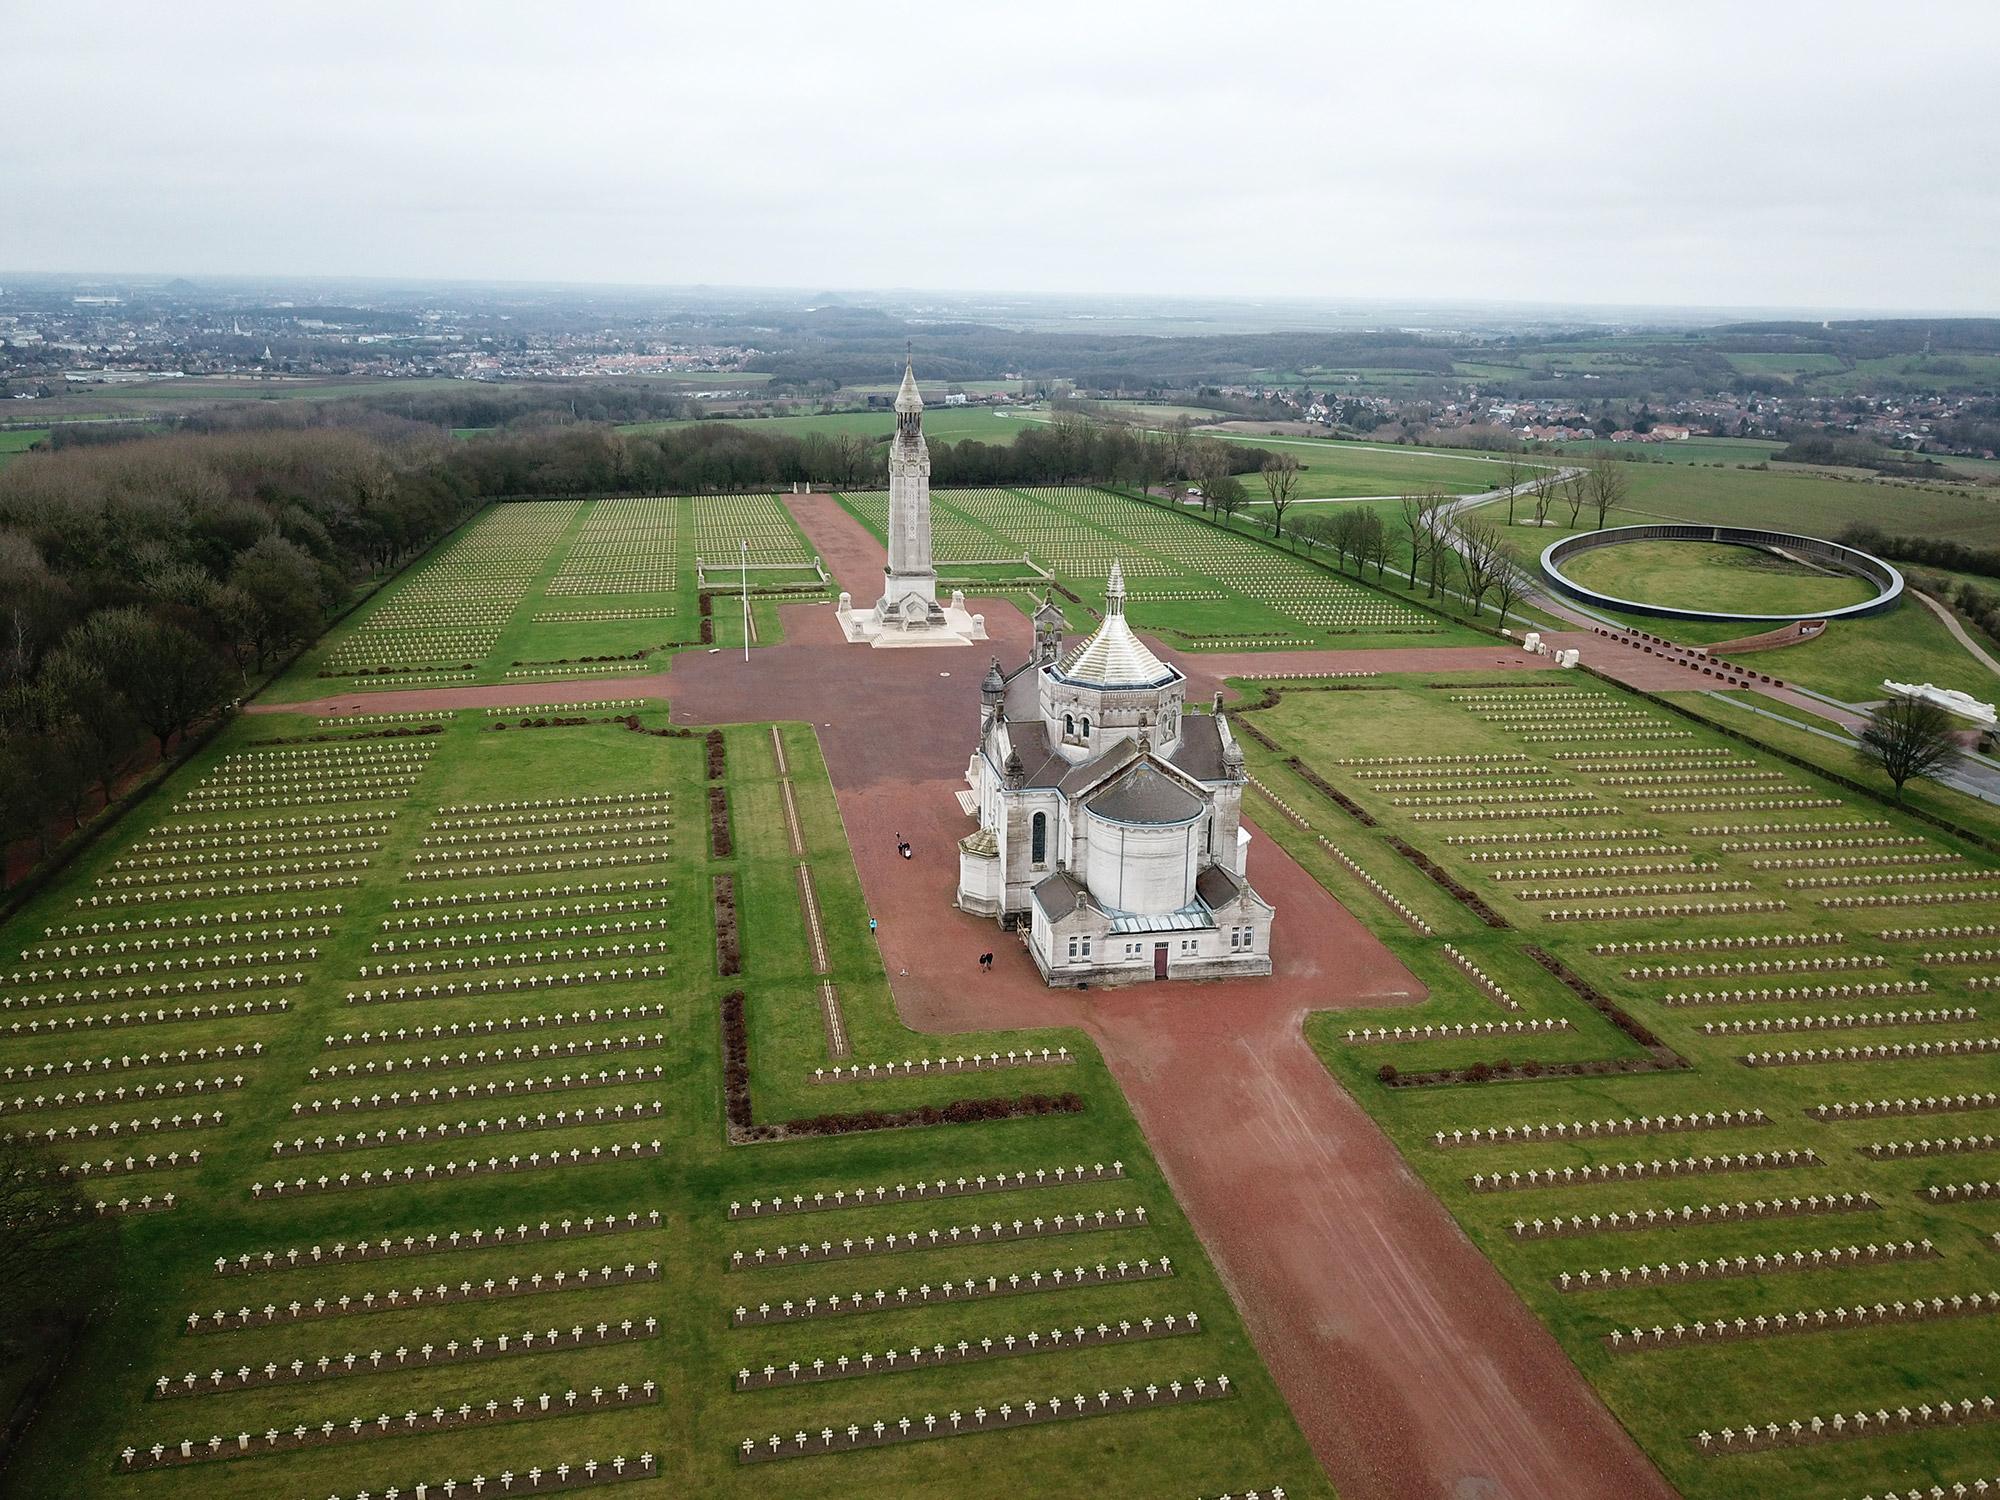 Nécropole nationale de Notre-Dame de Lorette - Ablain-Saint-Nazaire - Frankrijk